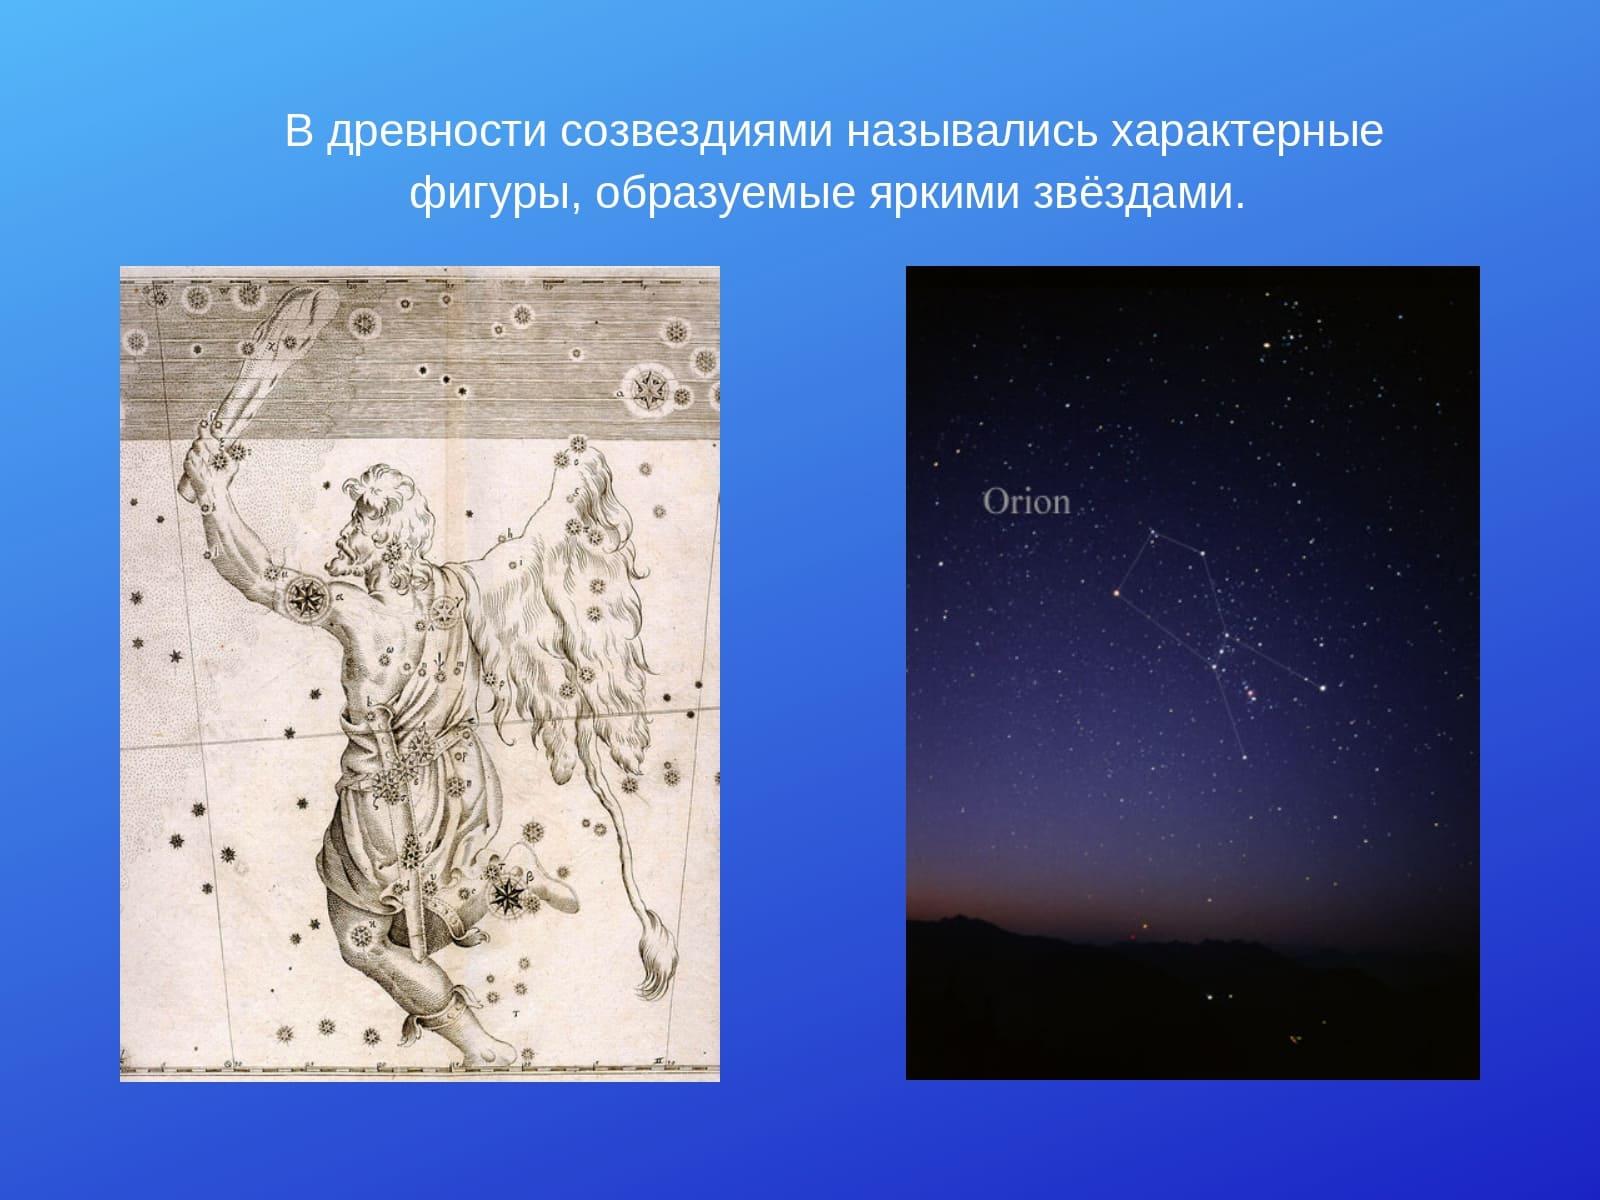 в древности созвездиями назывались